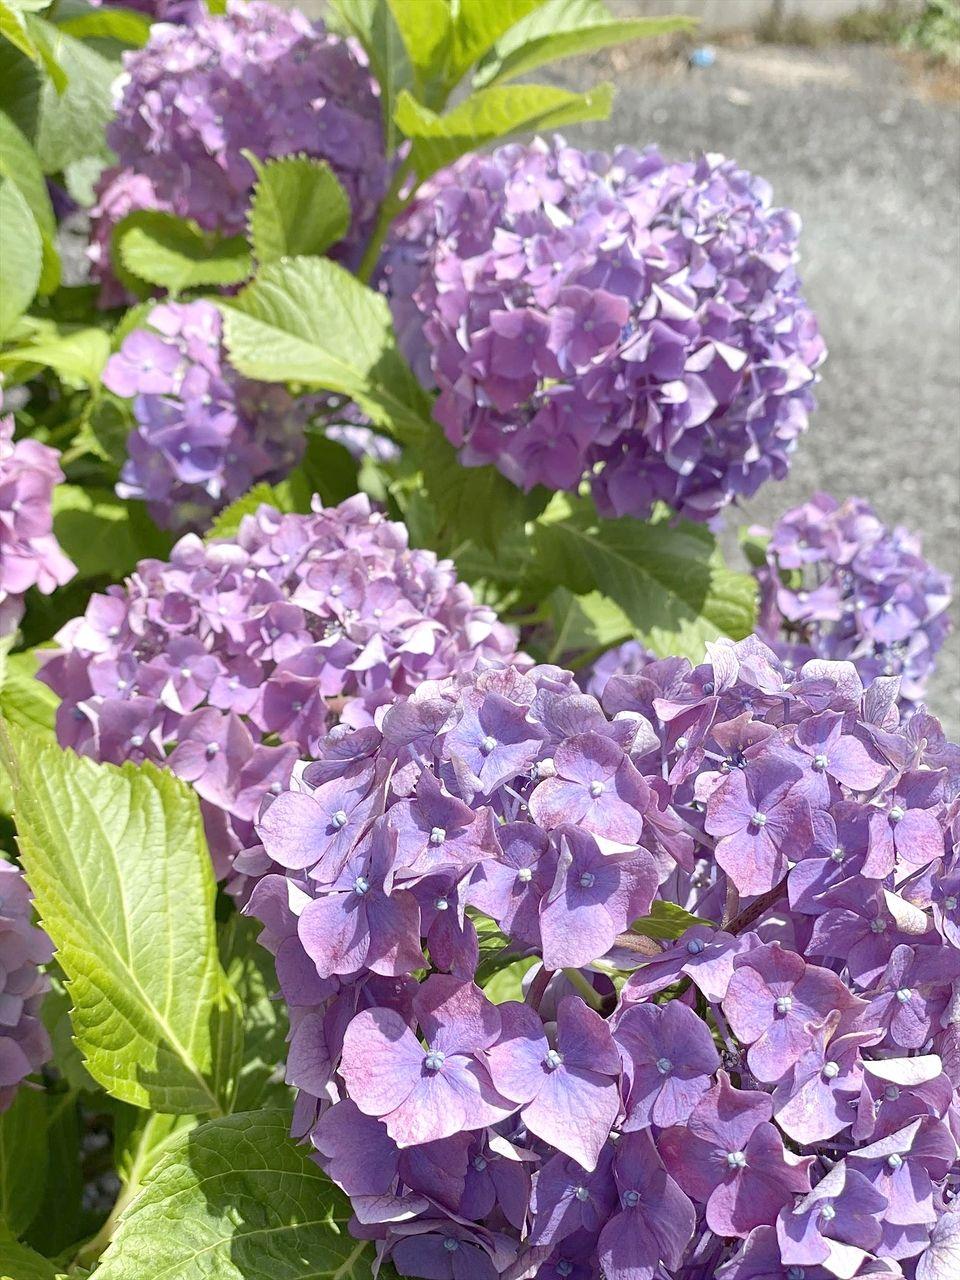 ドライブをしたときに見つけたキレイな紫陽花